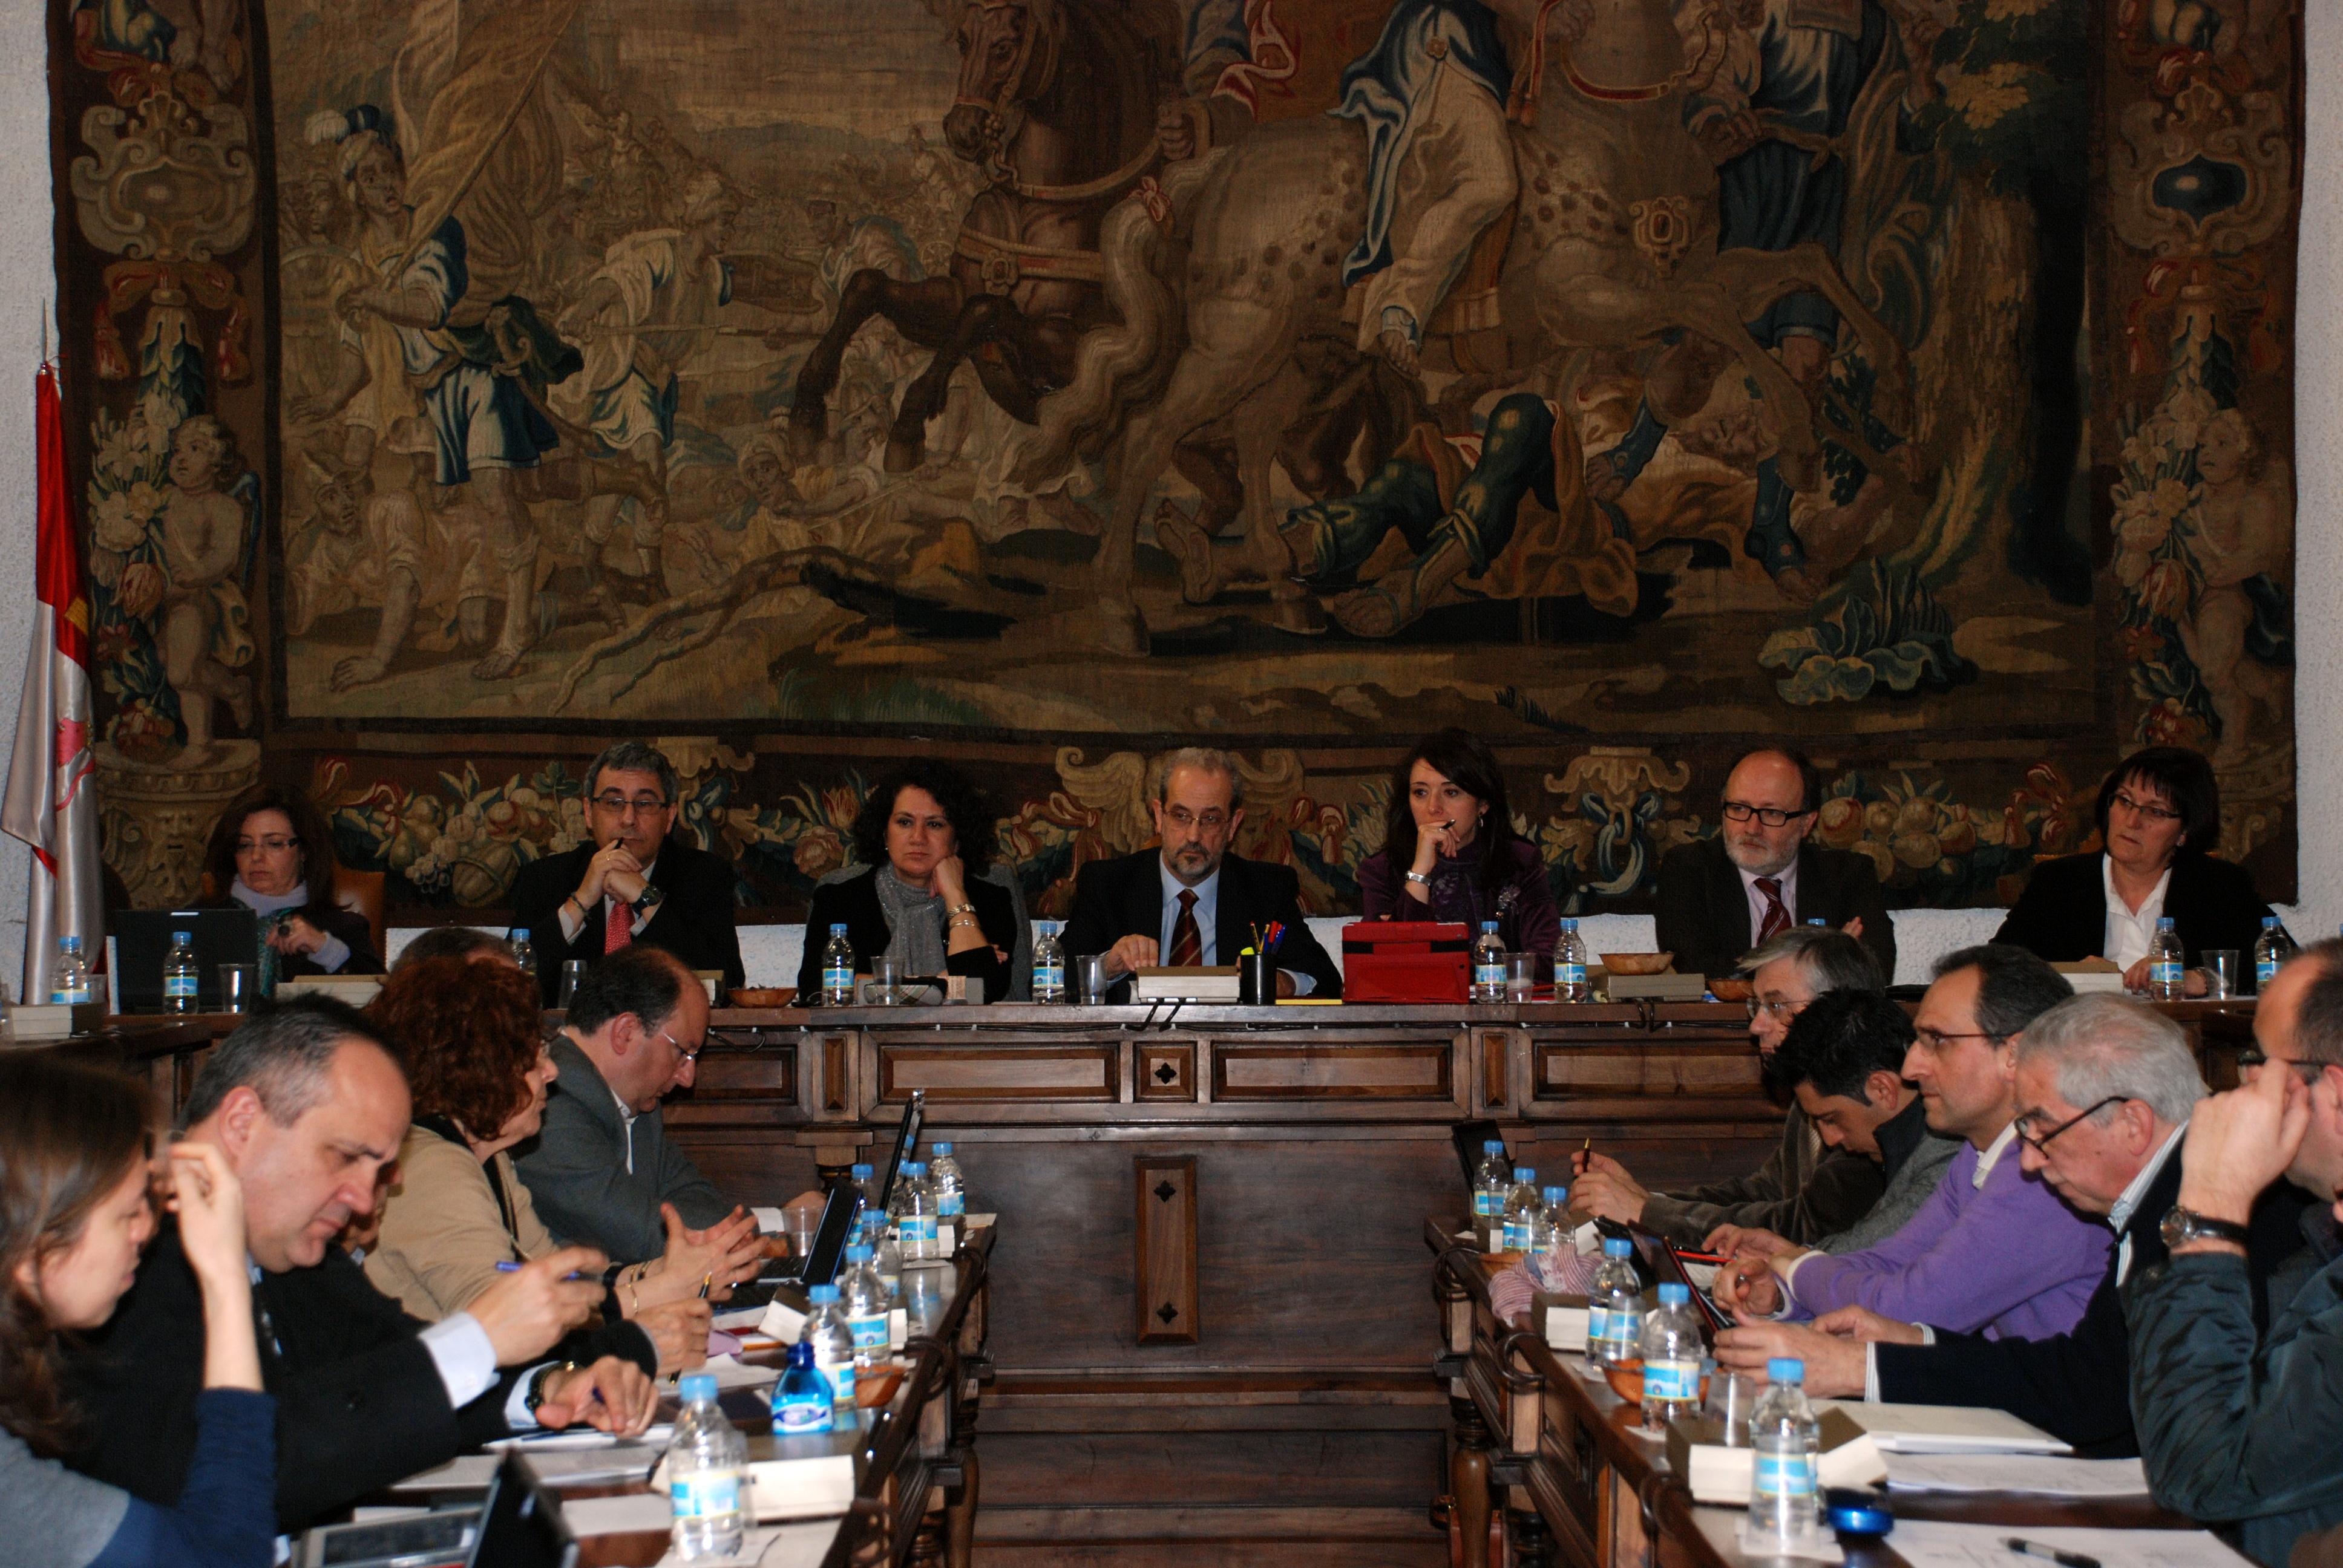 La Universidad de Salamanca aprueba la propuesta de doctores honoris causa para Su Alteza Imperial el Príncipe Heredero de Japón, Plácido Domingo y Francisco Muñoz Conde